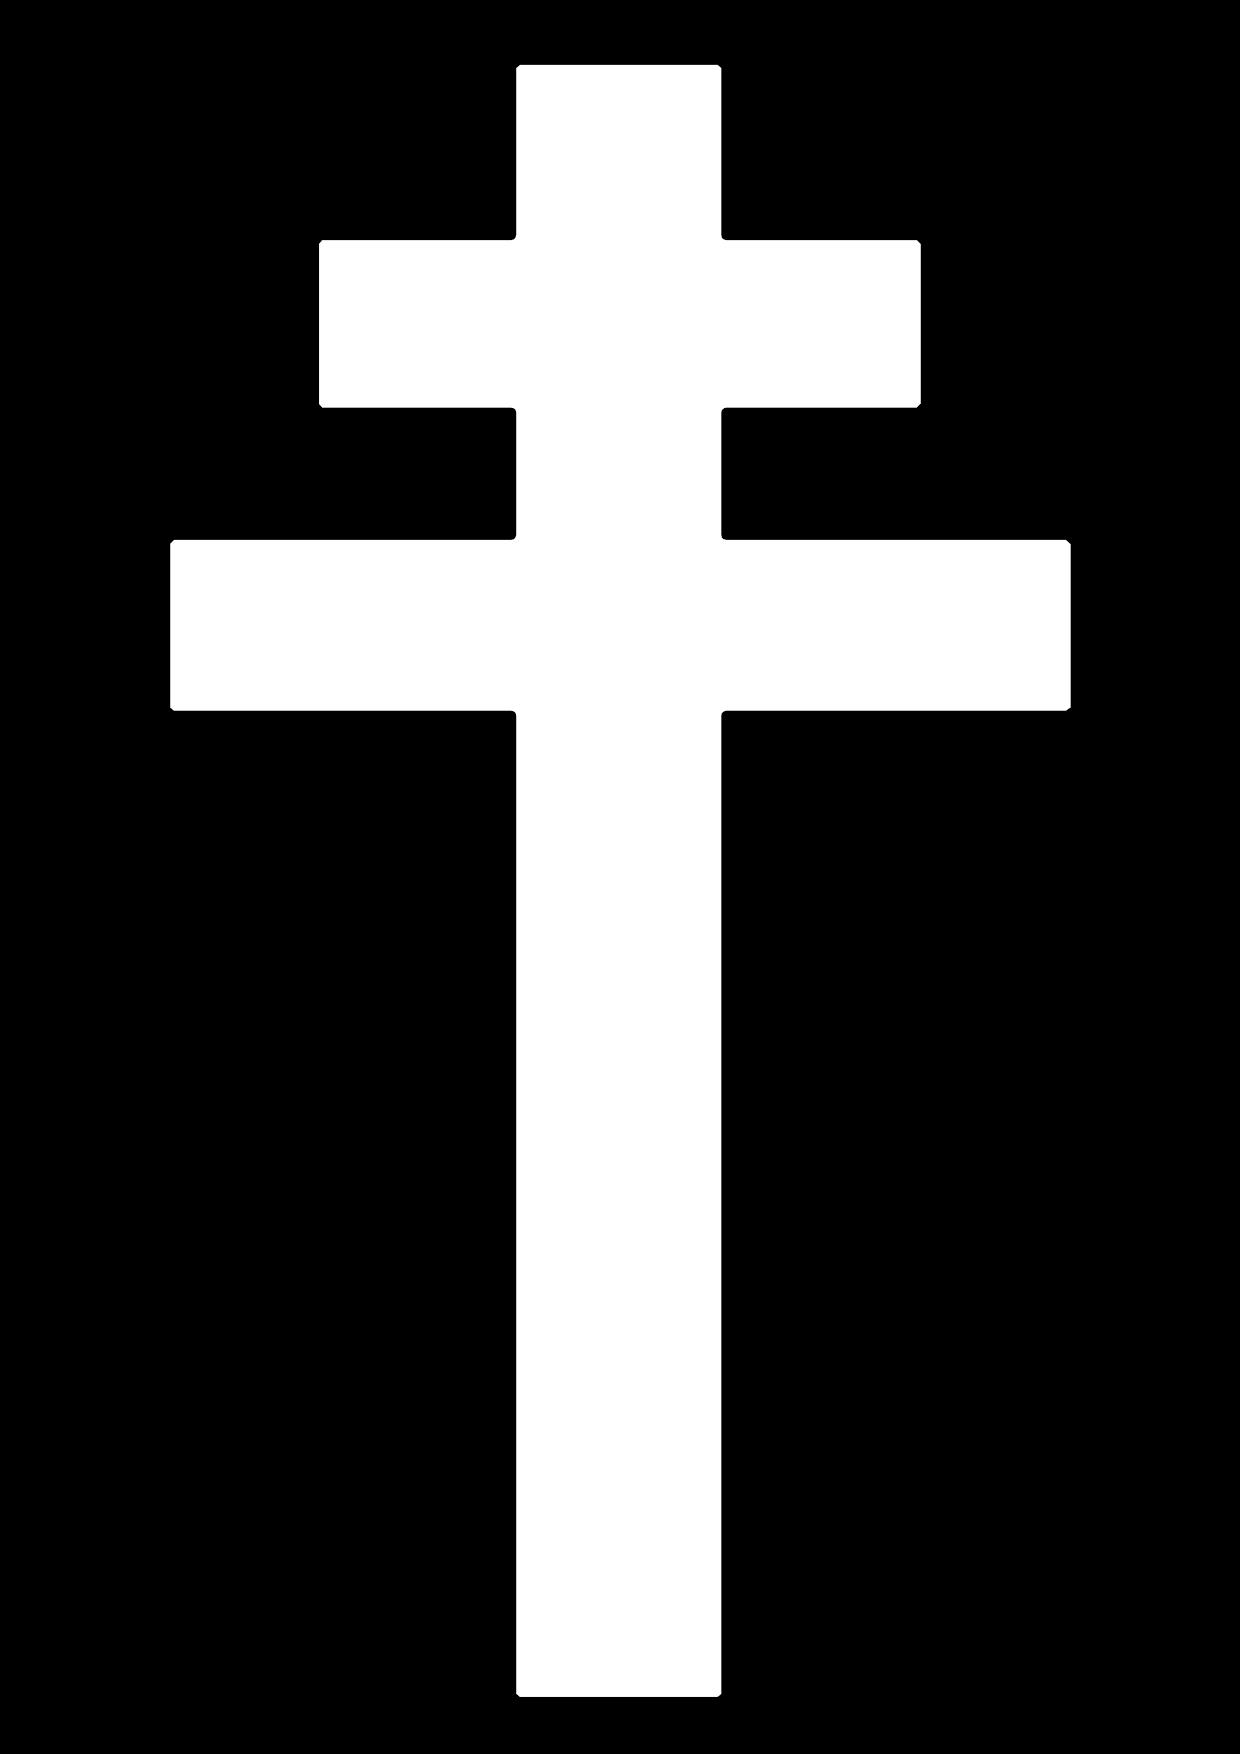 Una cruz patriarcal para imprimir y colorear